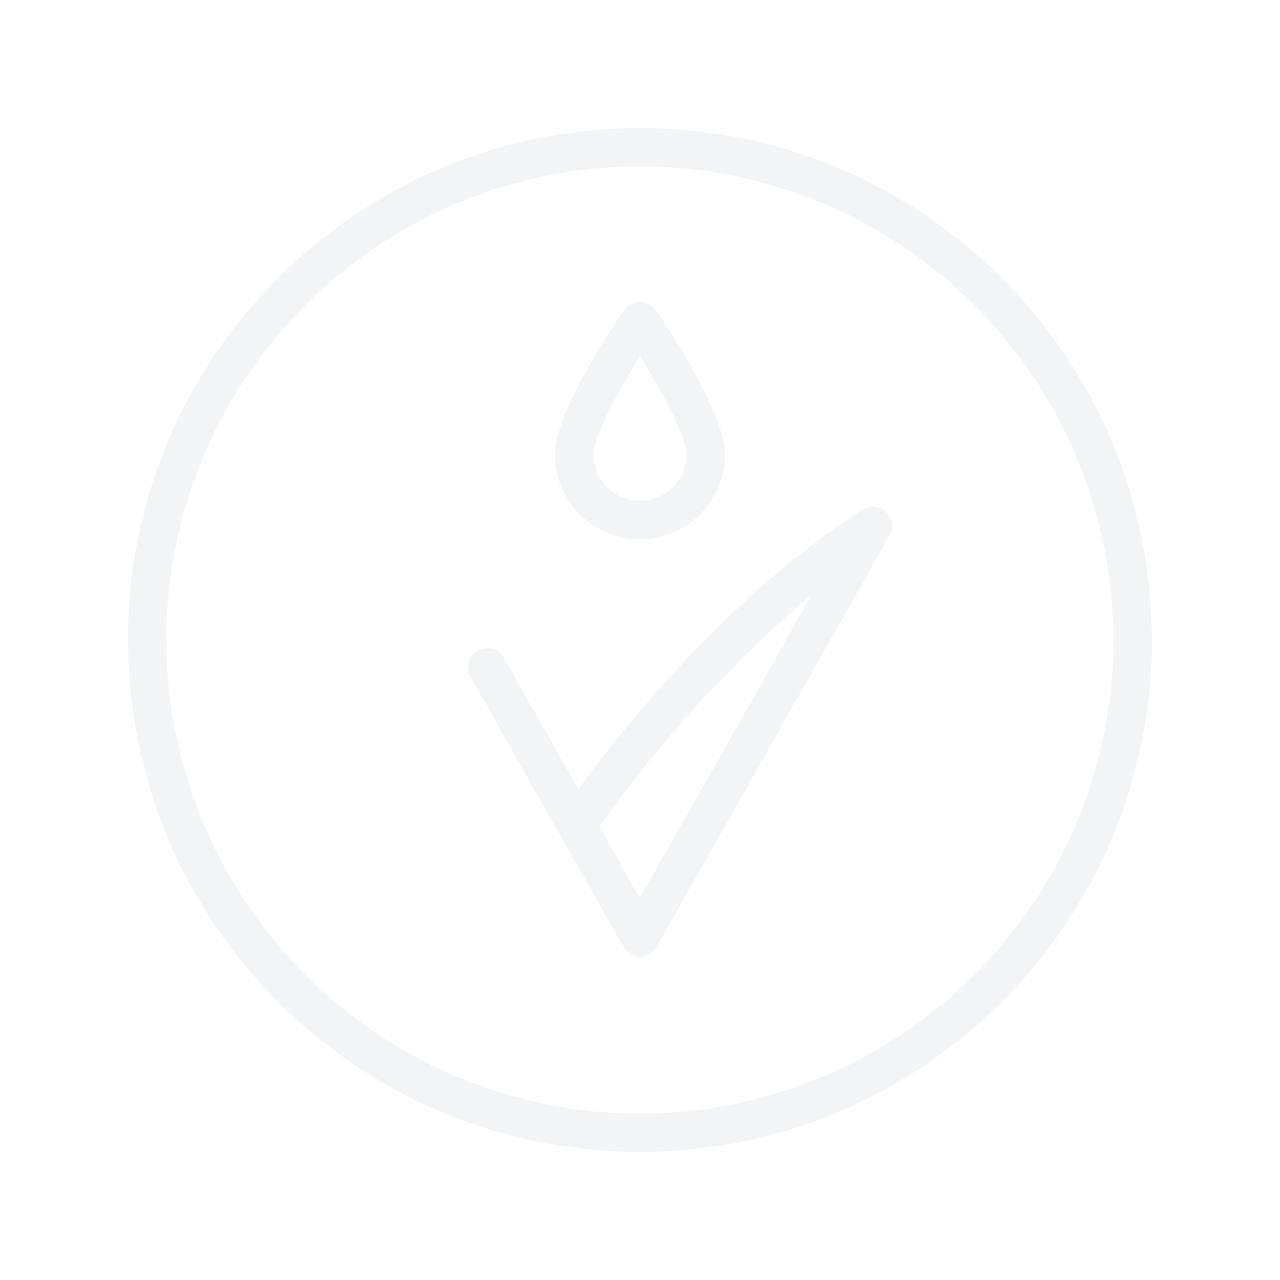 MINIGOLD Lovemark Star Aqua Gift Set